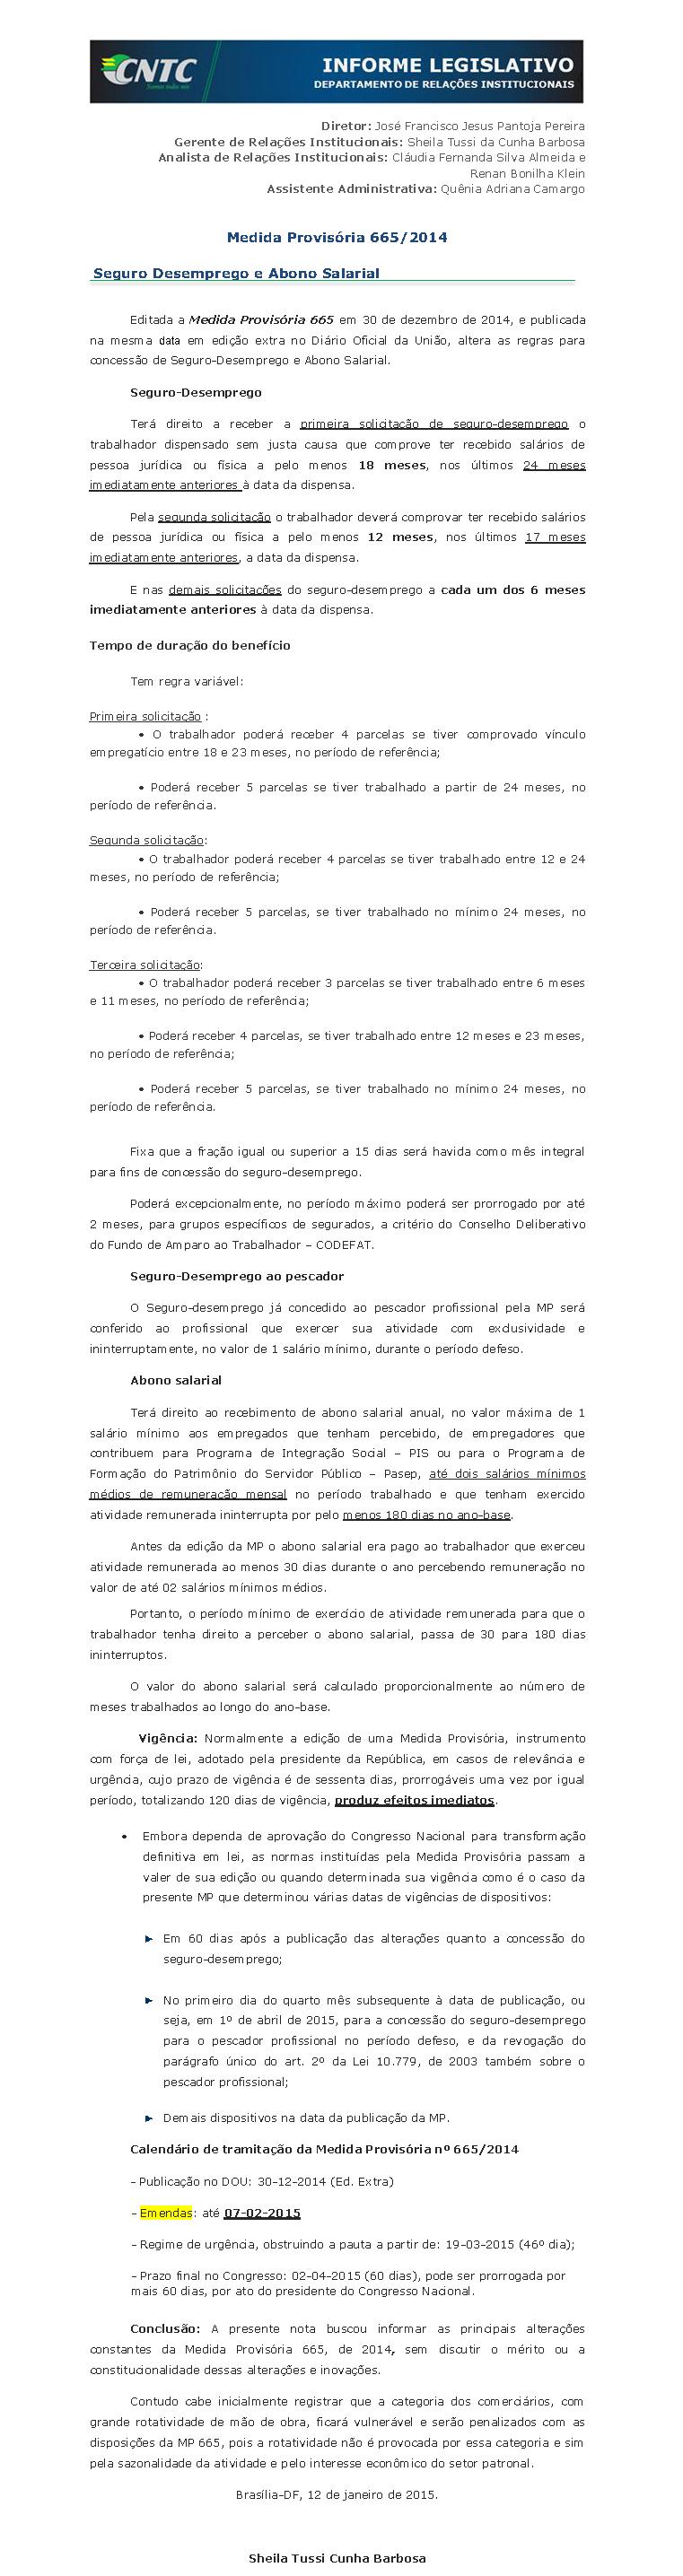 Relatório MP 665-14